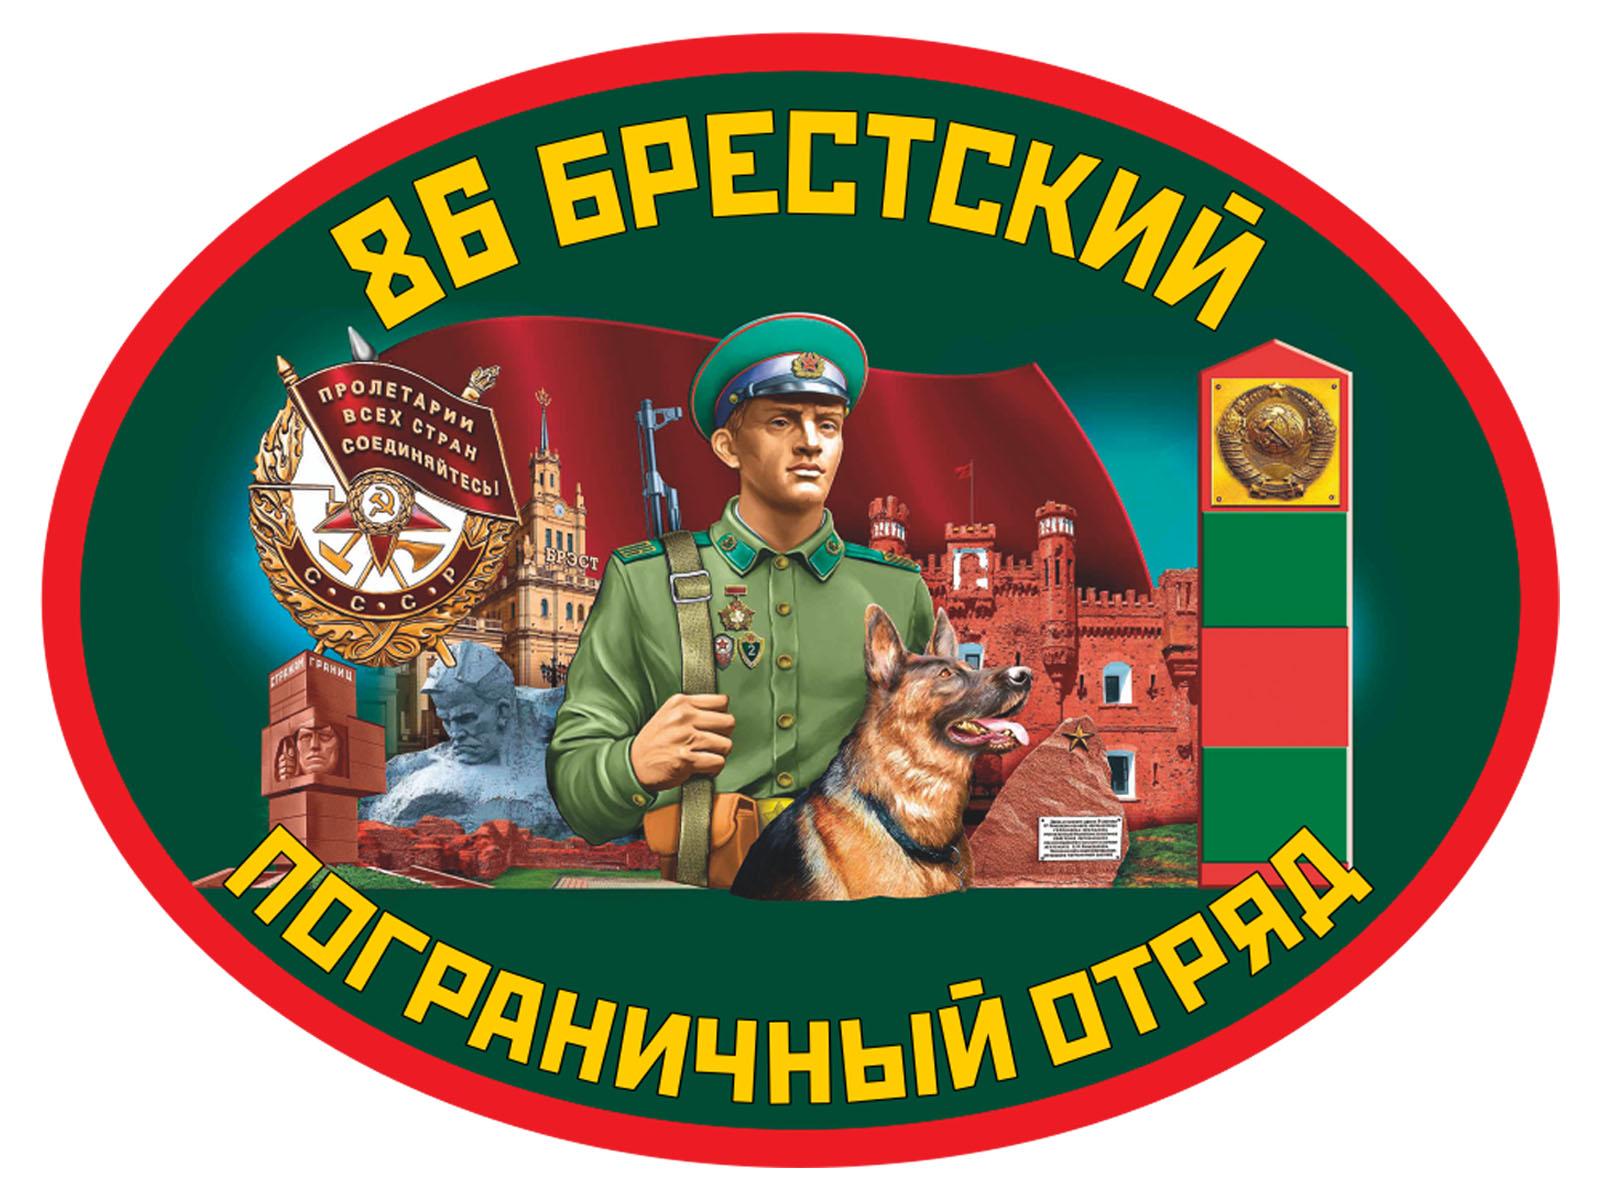 Наклейка 86 Брестский пограничный отряд